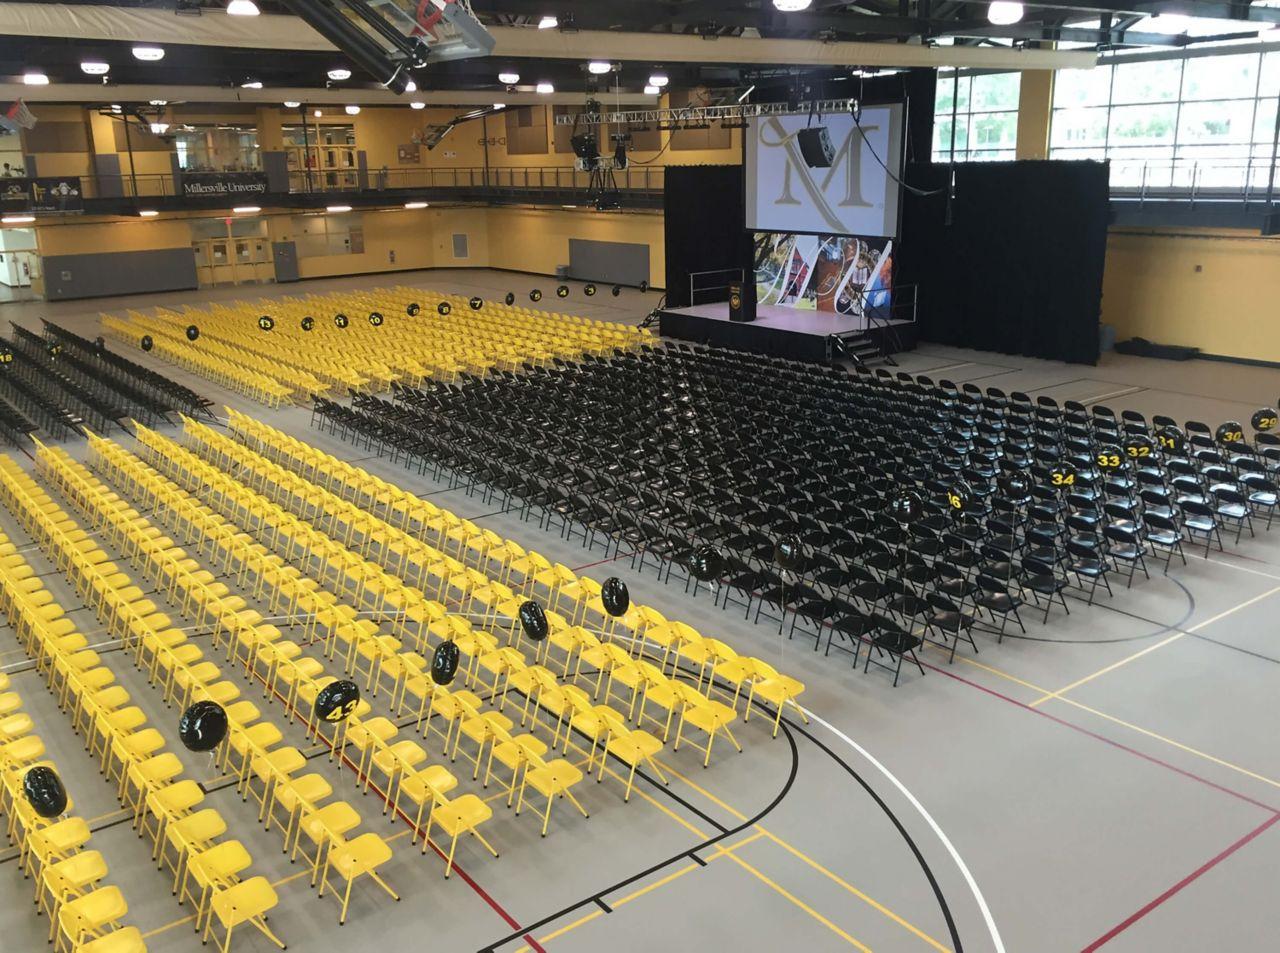 Millersville University Floors